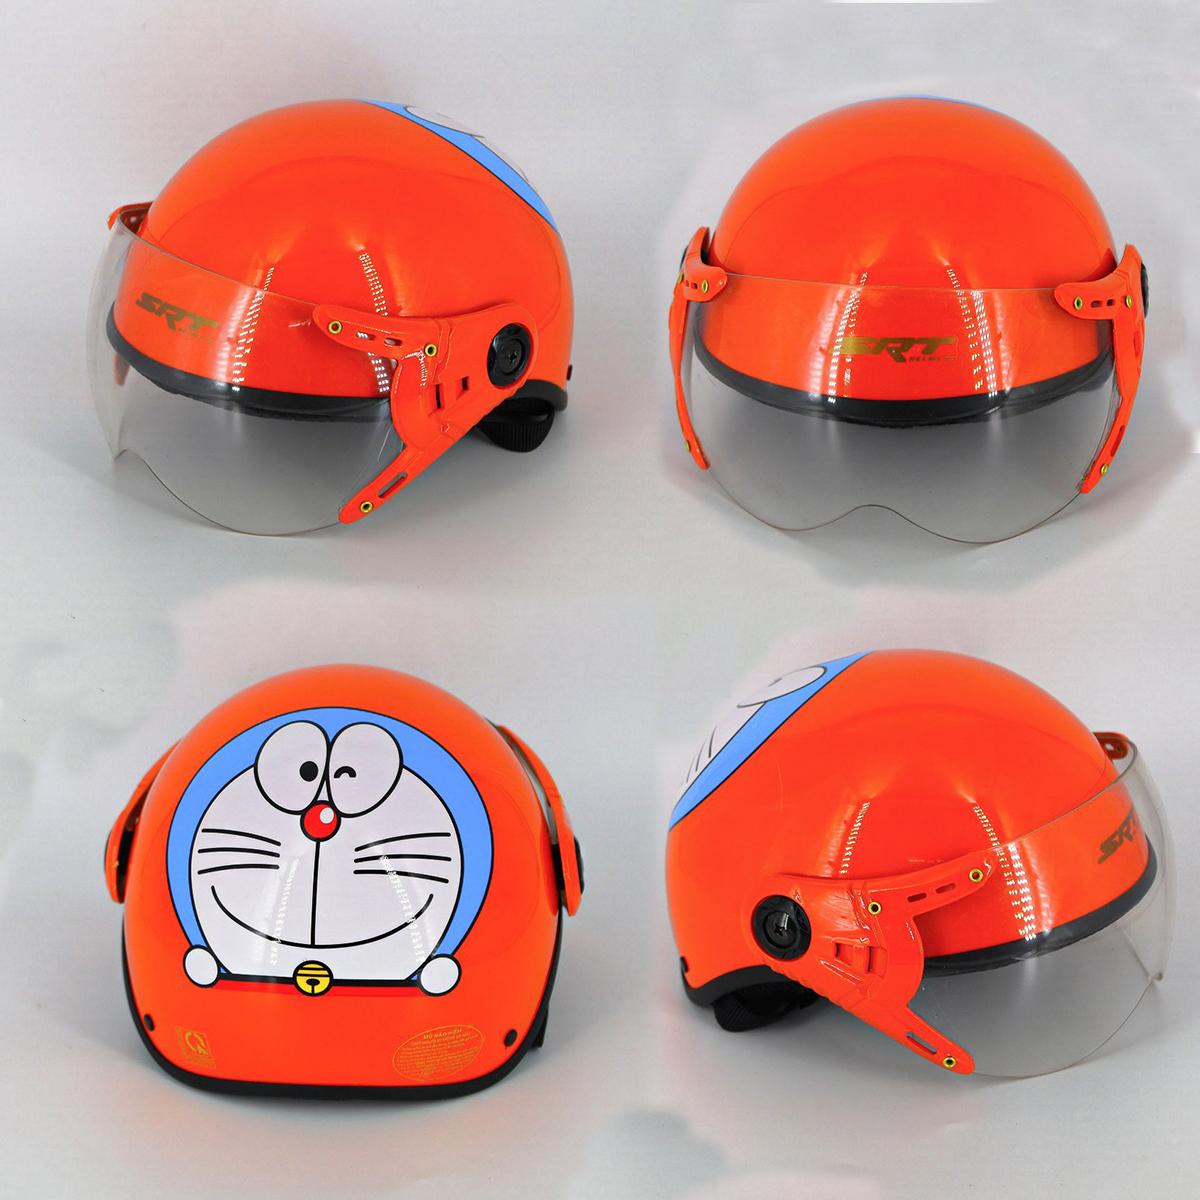 Mũ bảo hiểm cho bé SRT ASA01 cao cấp, nón bảo hiểm trẻ em từ 3 đến 10 tuổi - tem Doremon, lót ép nhiệt